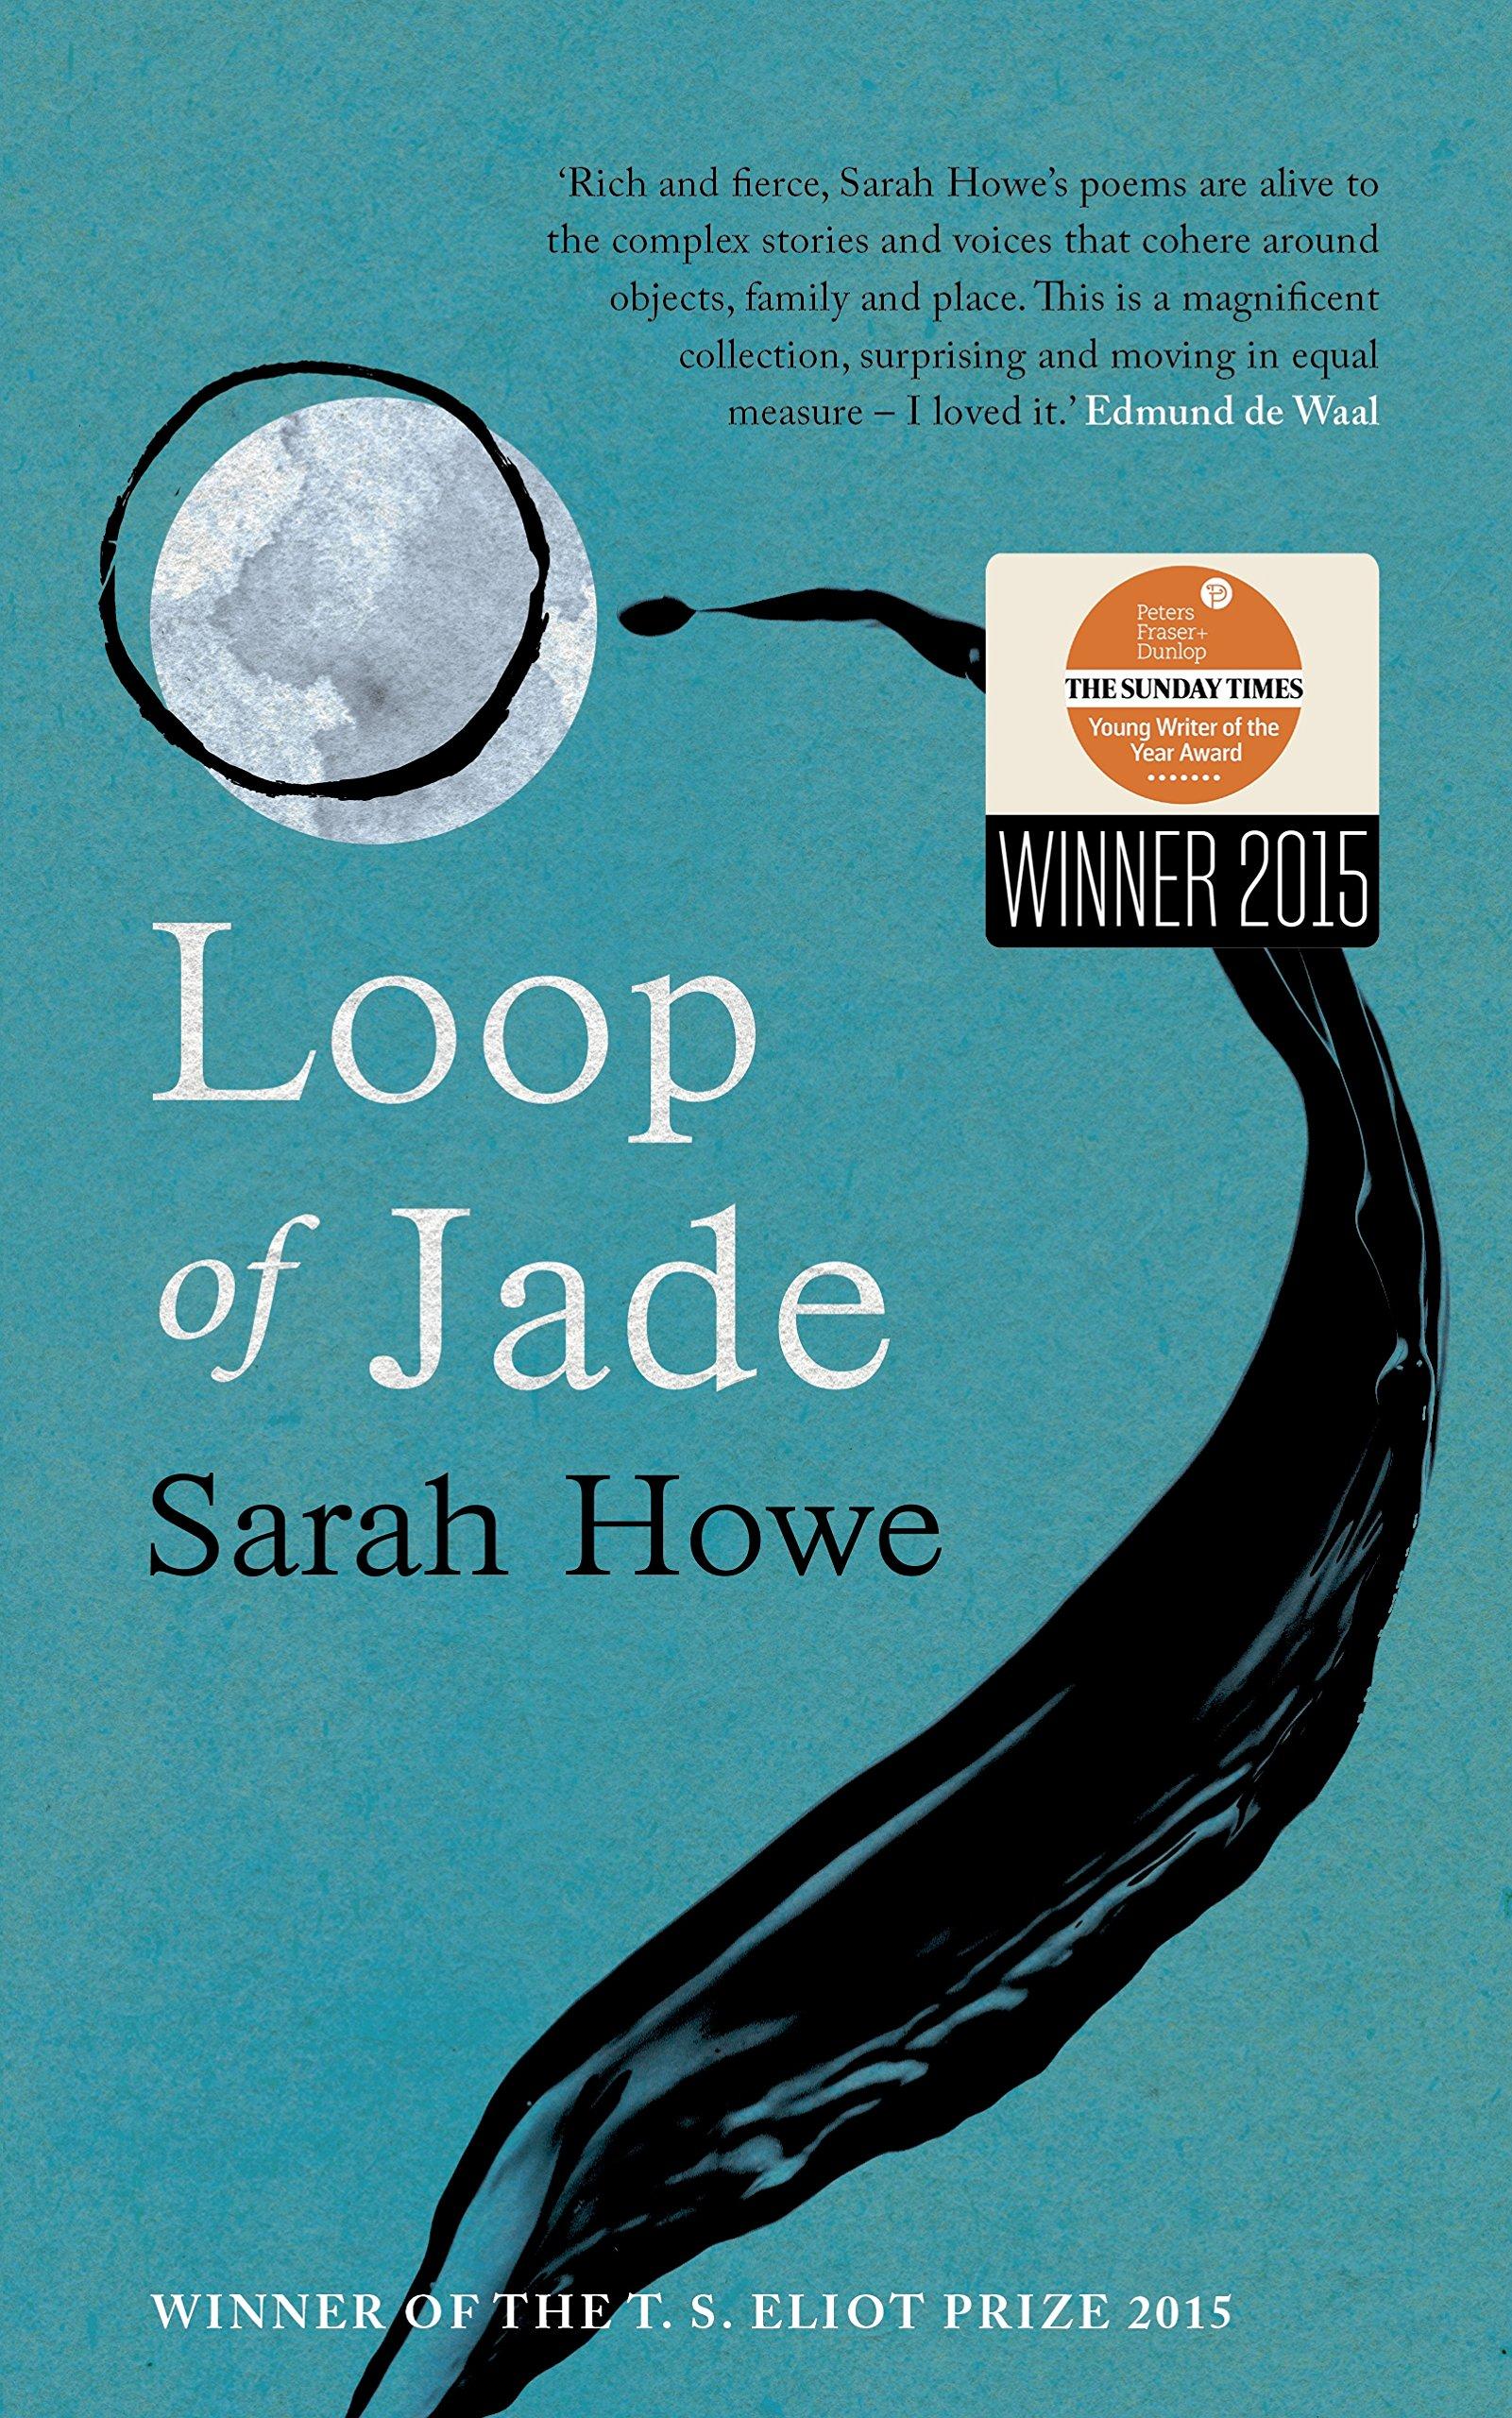 Loop of jade sarah howe 9780701188696 amazon books fandeluxe Images